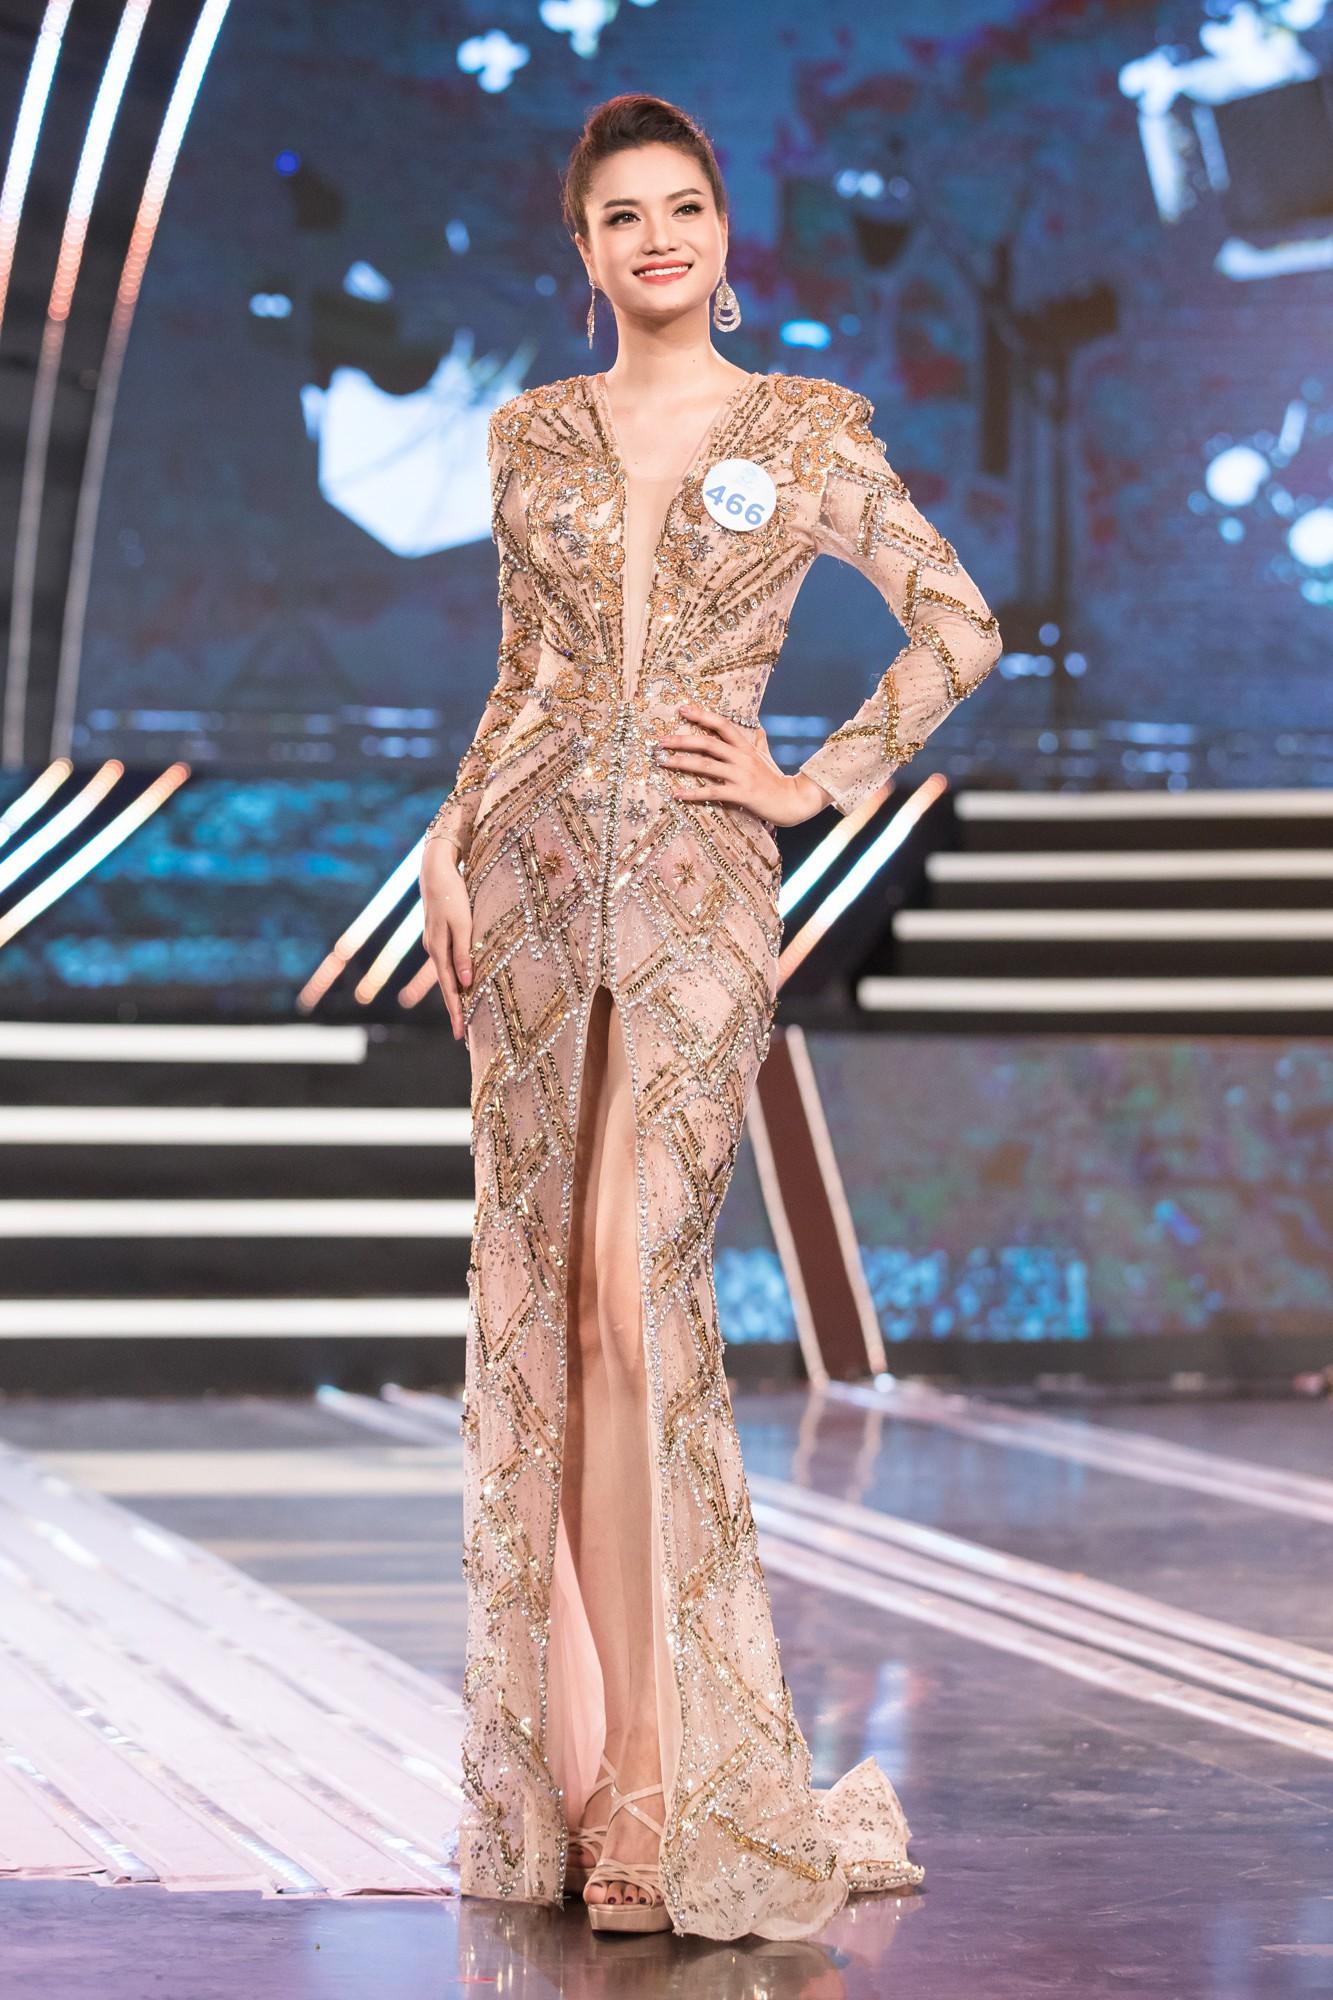 Soi nhan sắc 20 cô gái phía Bắc vừa lọt Chung kết Miss World VN: Thí sinh mặt đẹp nhất lại lộ vóc dáng đô con, thiếu đường cong-19